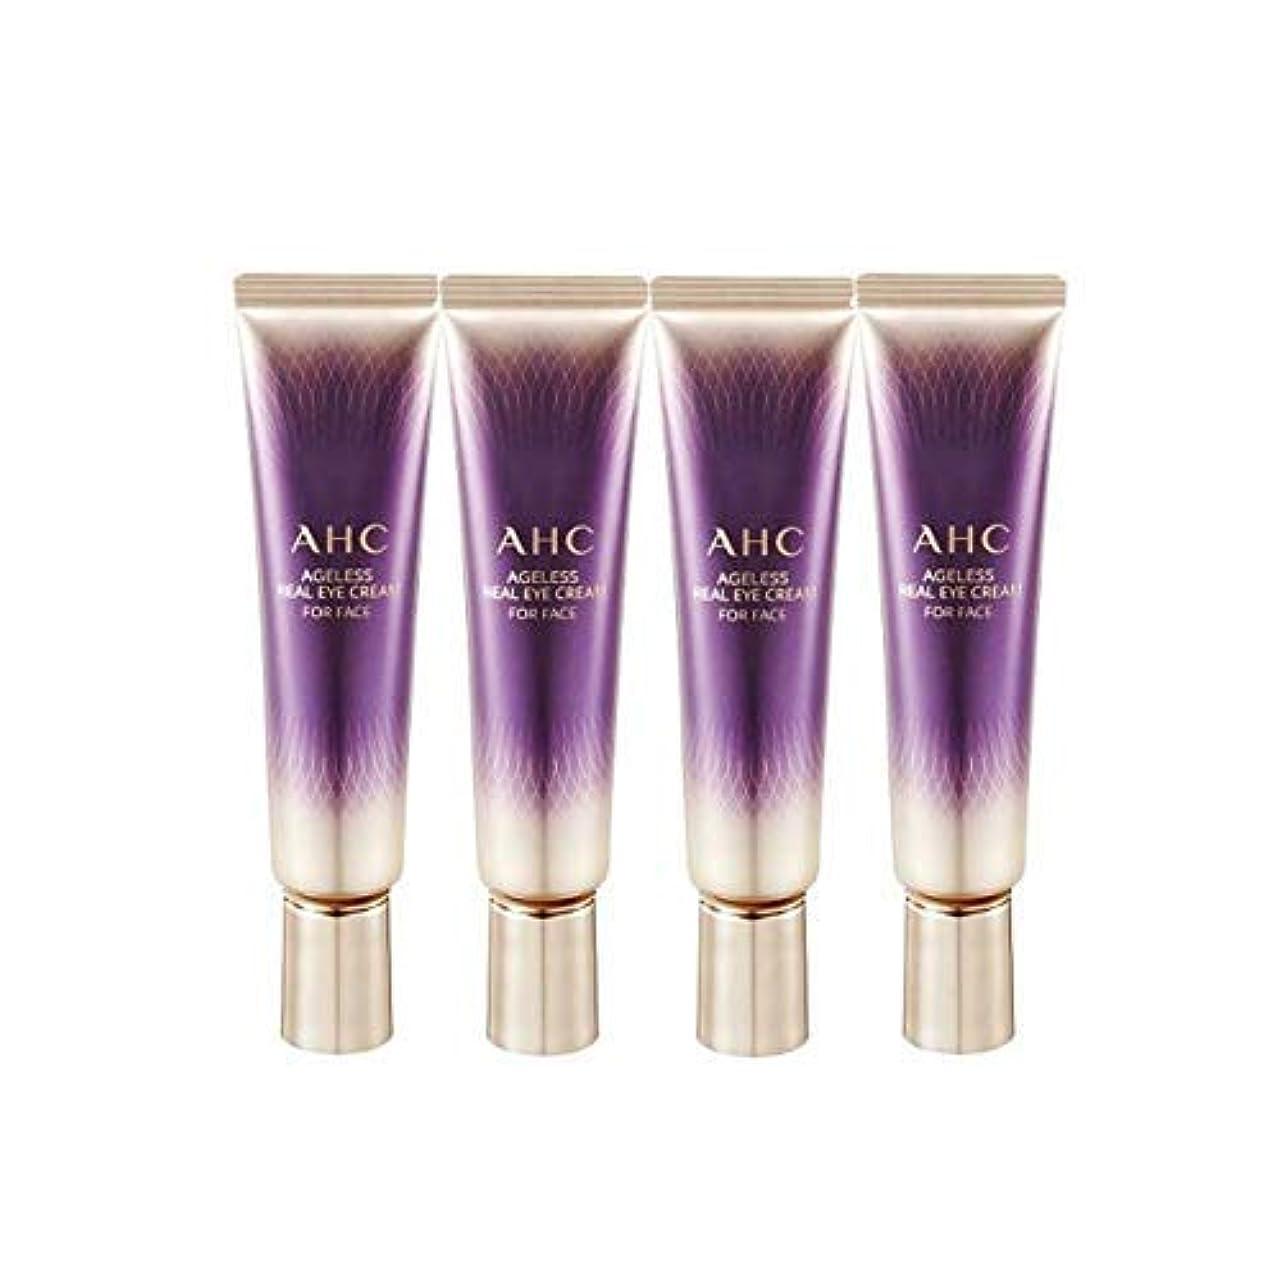 拡張キッチンマトンAHC 2019 New Season 7 Ageless Real Eye Cream for Face 1 Fl Oz 30ml x 4 Anti-Wrinkle Brightness Contains Collagen